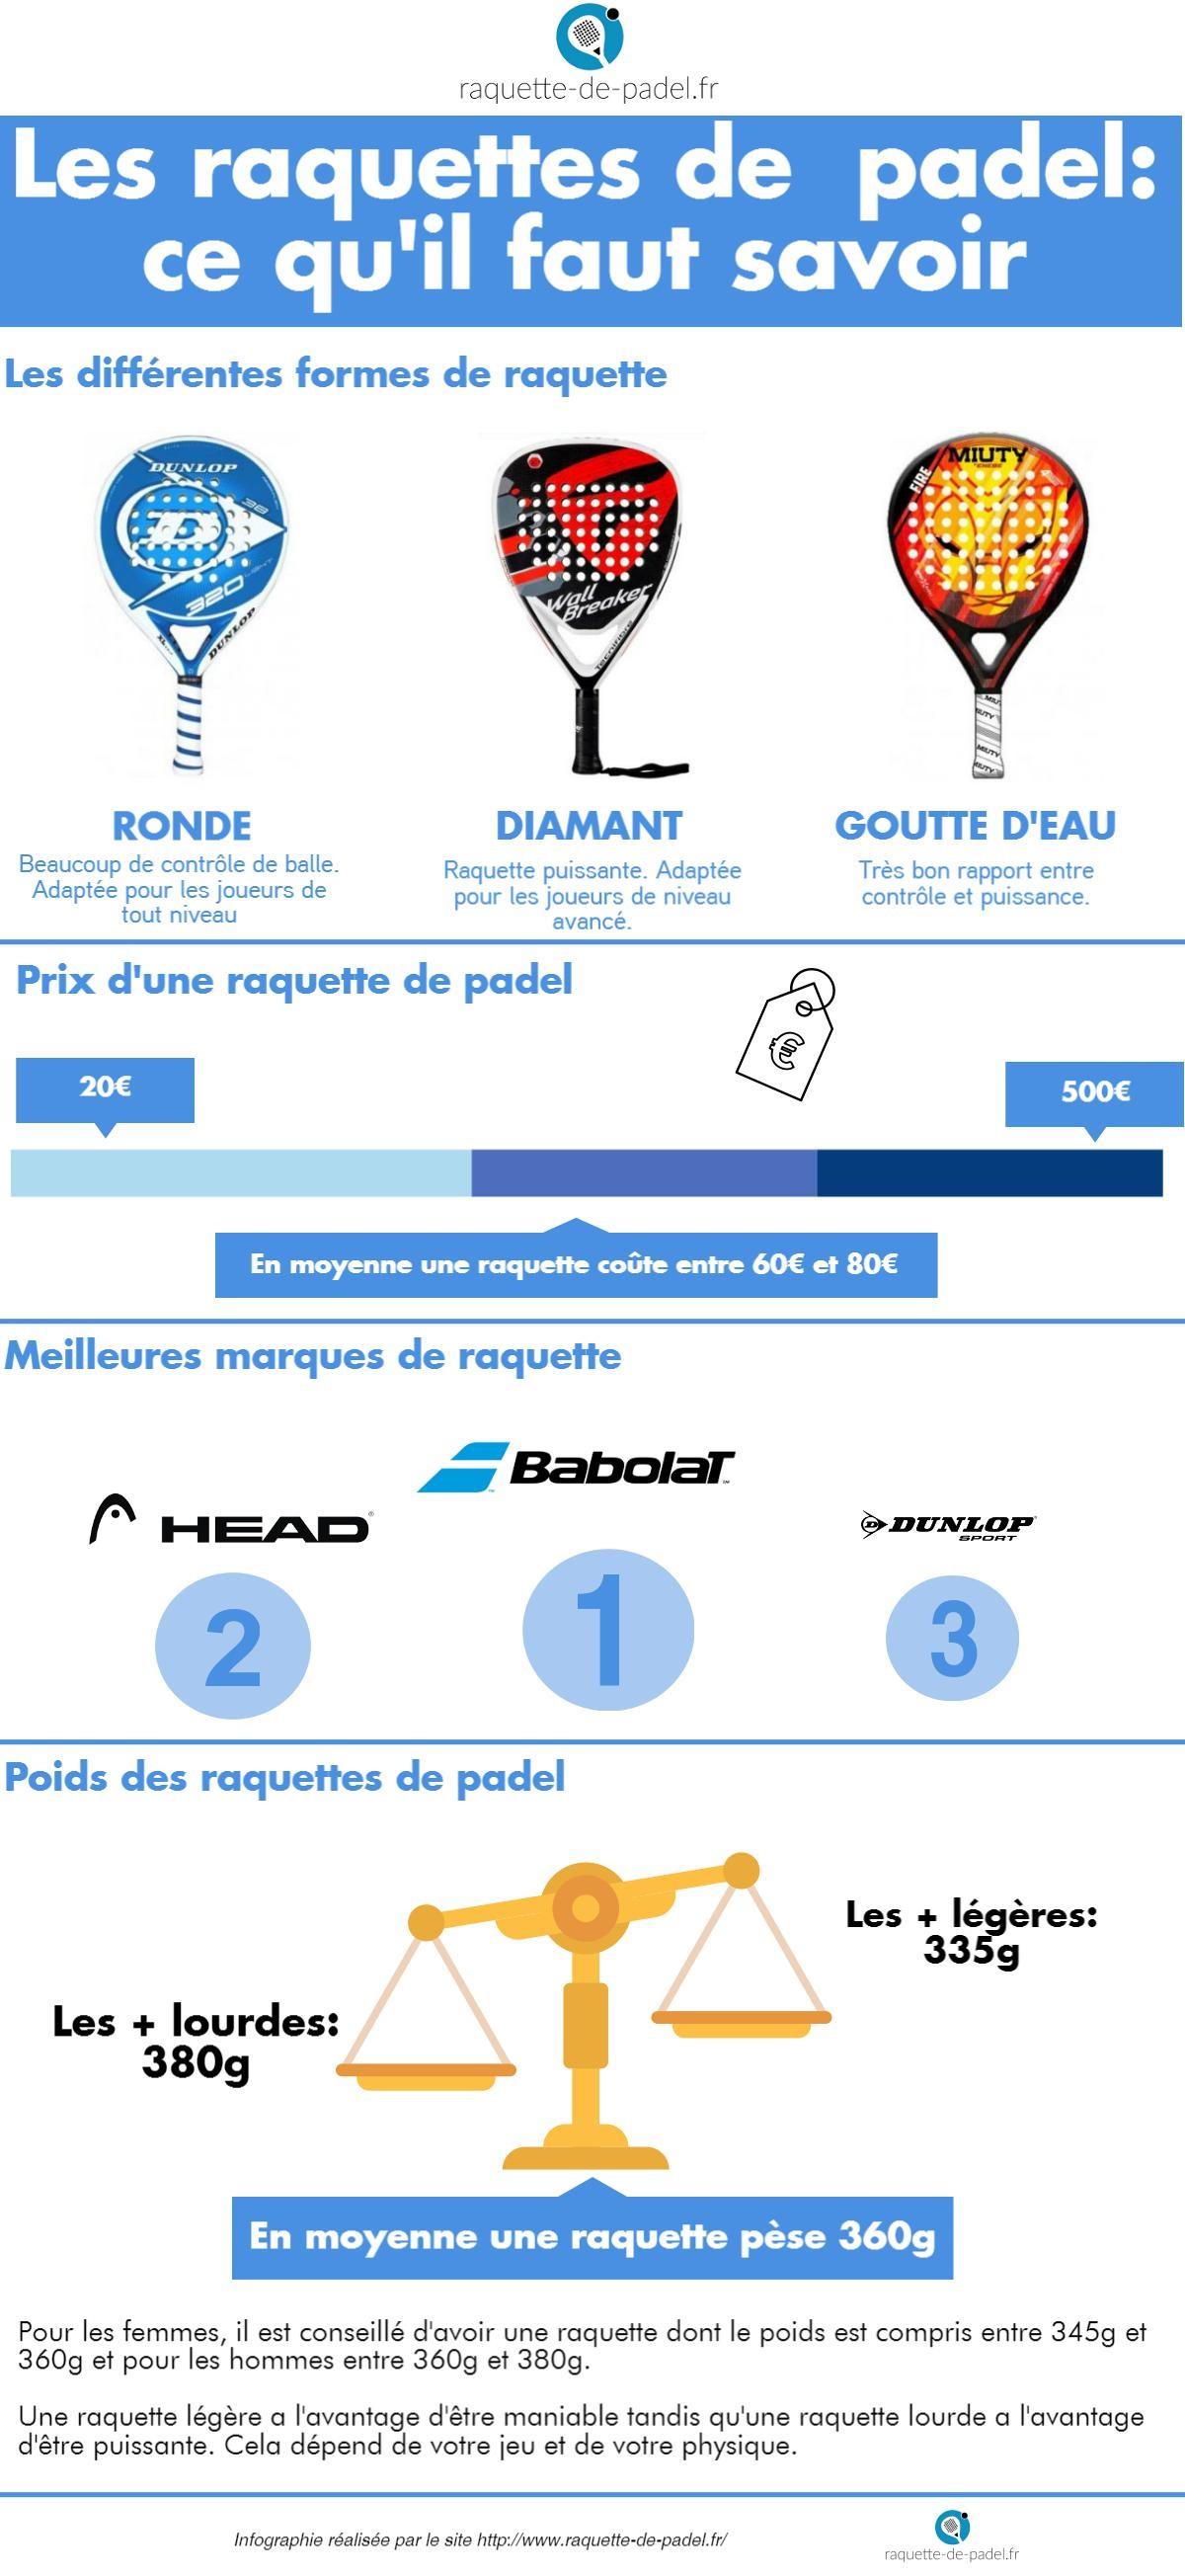 infographie raquettes de padel